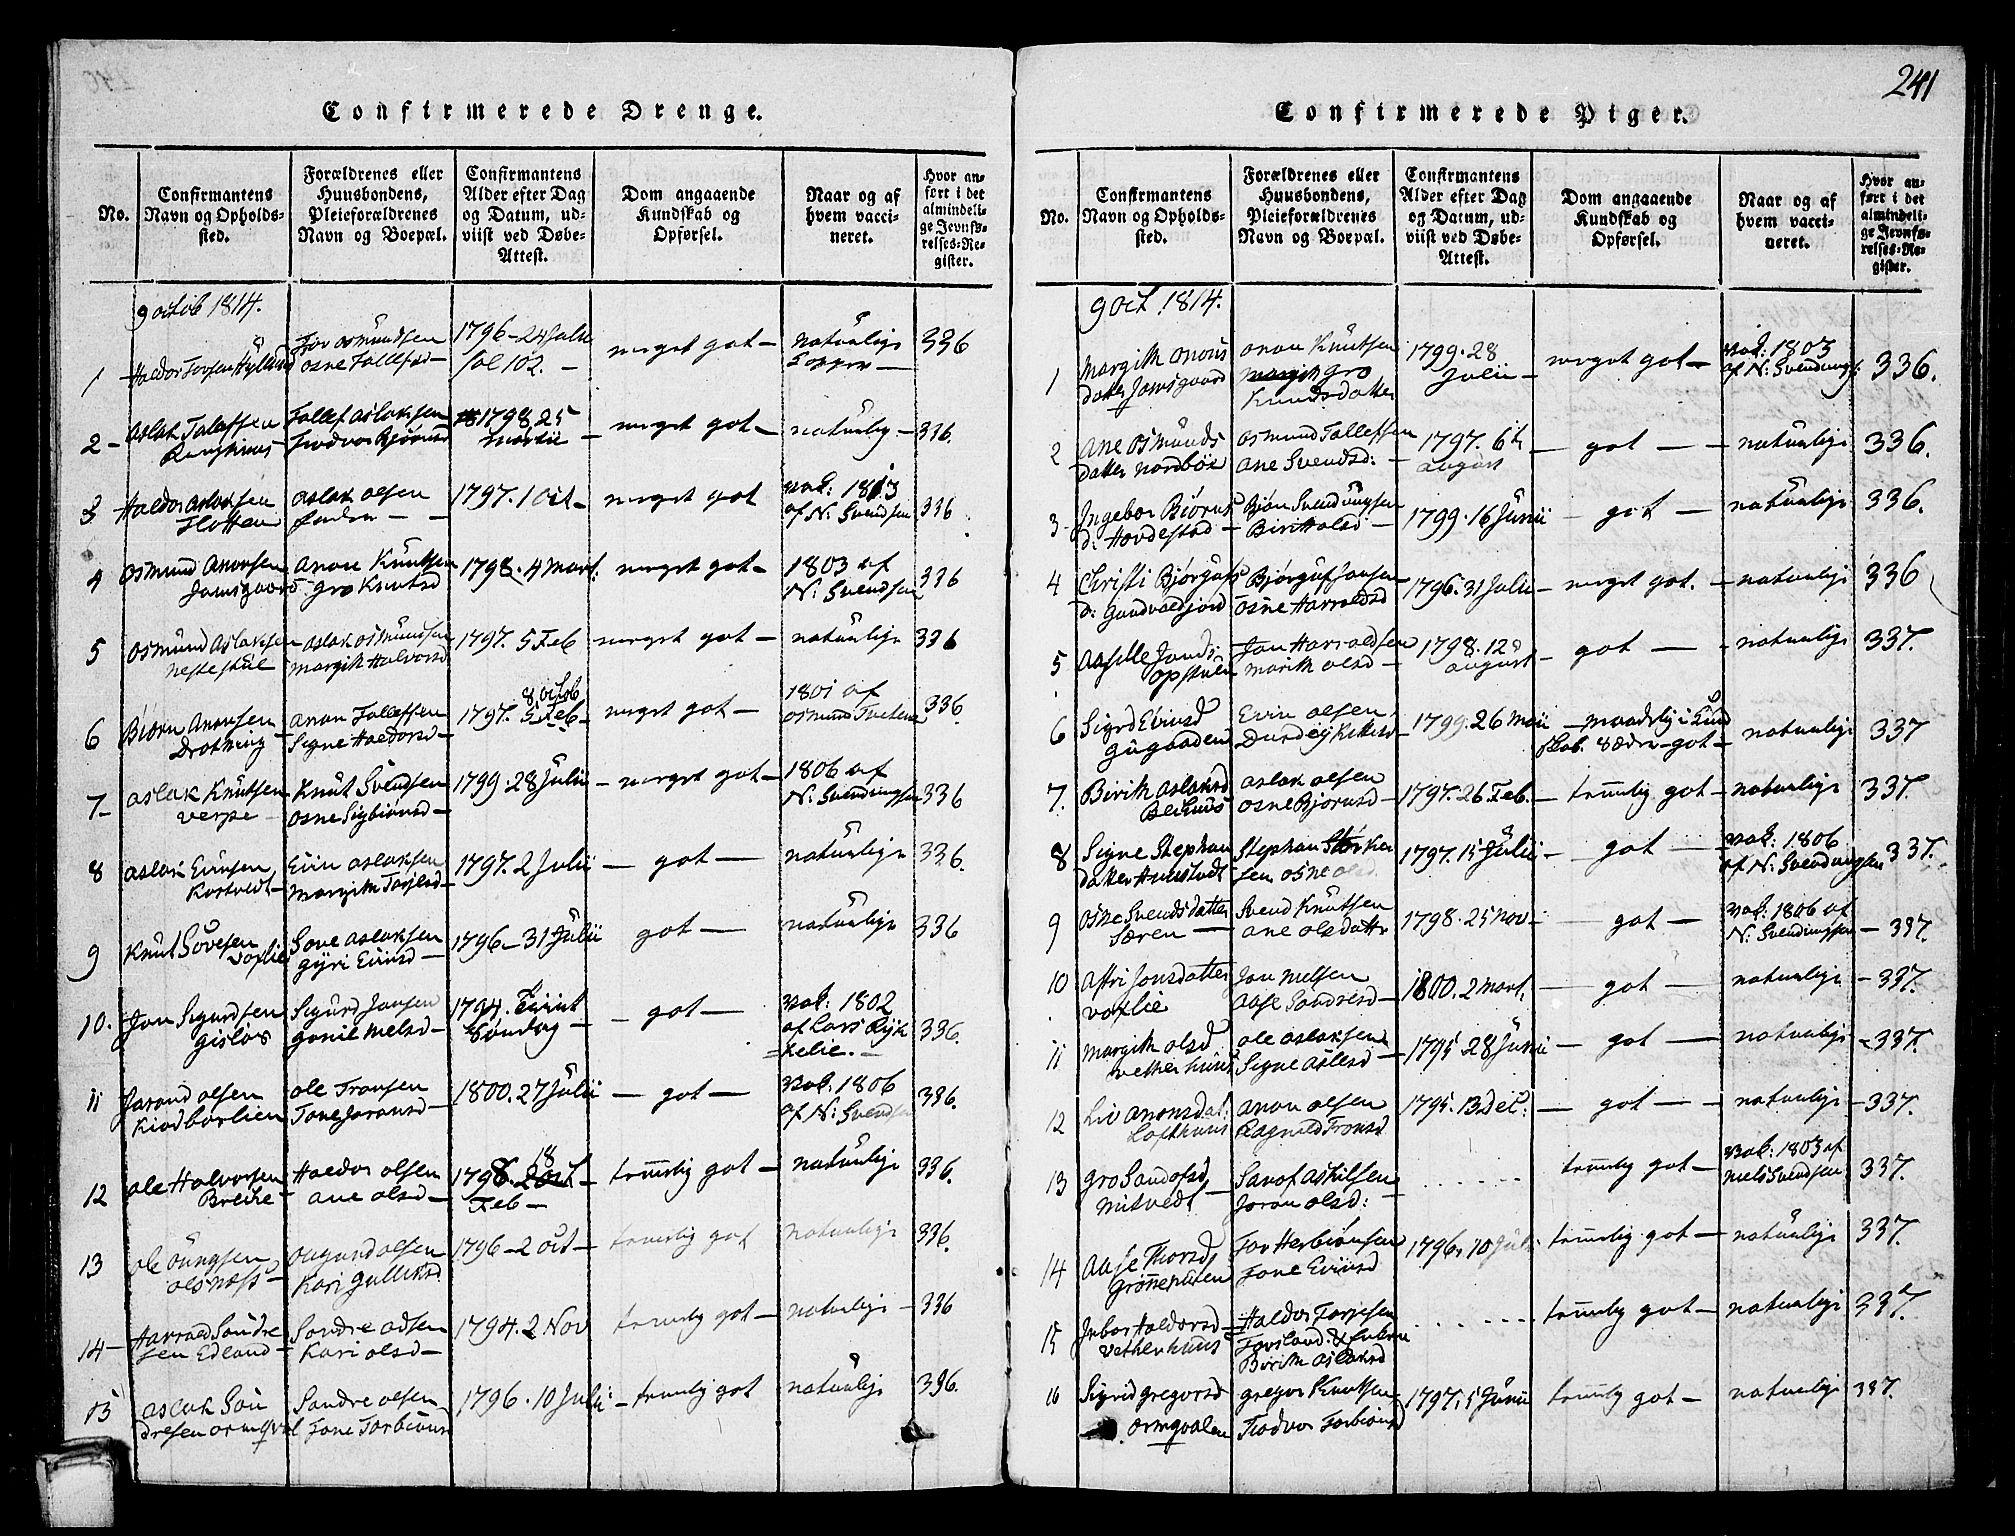 SAKO, Vinje kirkebøker, G/Ga/L0001: Klokkerbok nr. I 1, 1814-1843, s. 241